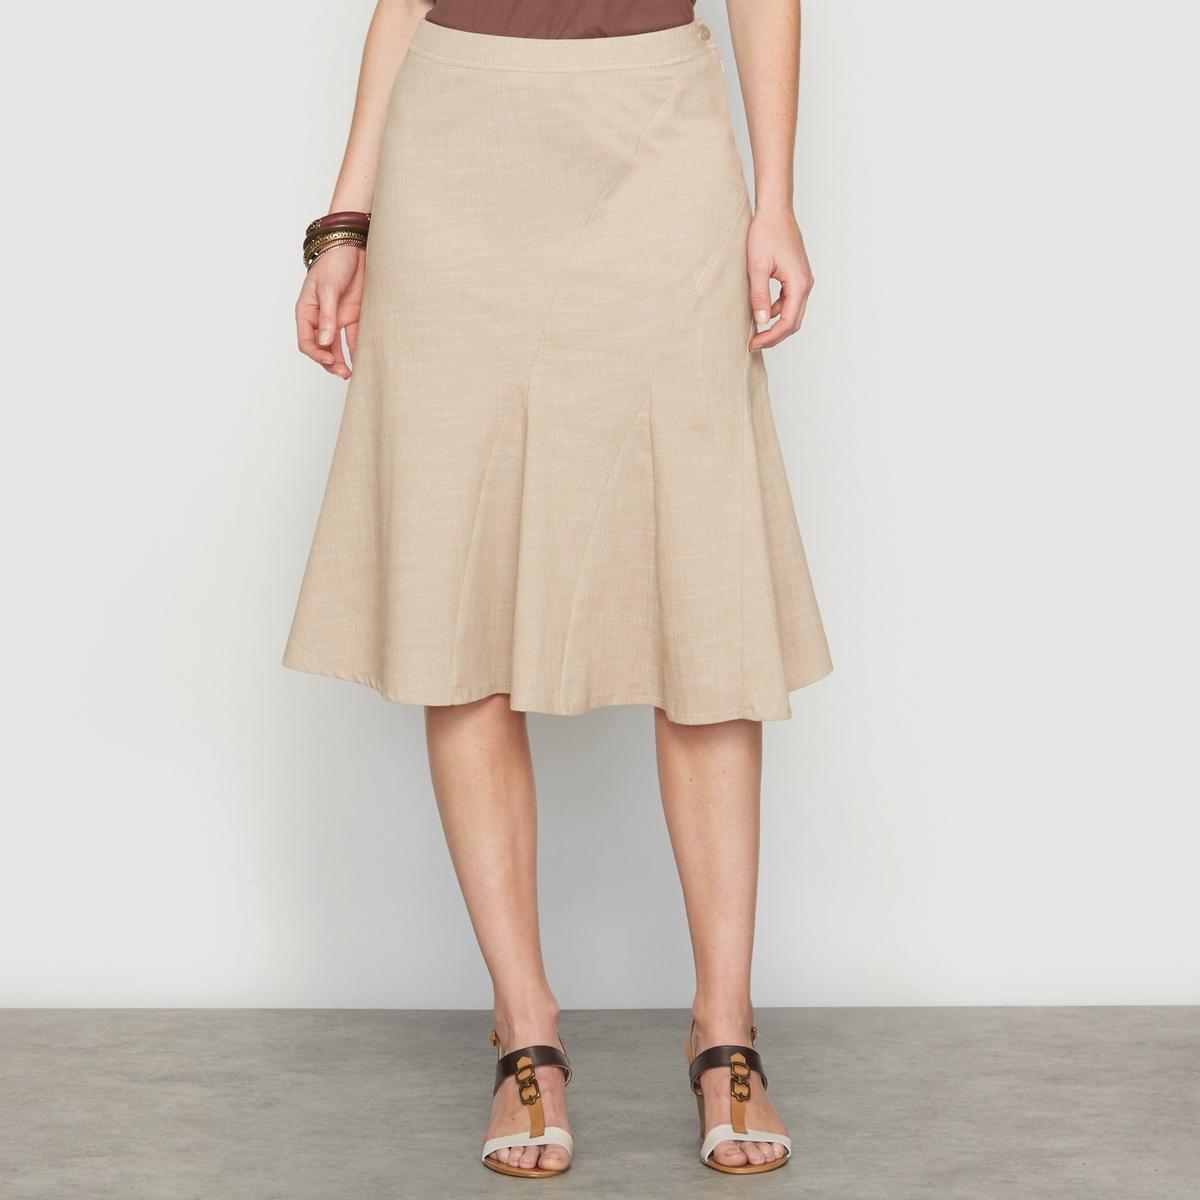 Юбка асимметричная из денима стретчАсимметричная джинсовая юбка . Пояс с невидимой застежкой на молнию и пуговицу. Оригинальные отрезные детали спереди и сзади, слегка контрастные видимые строчки. Длина . 62 см .    Ткань с преимуществами денима, но более тонкая и легкая . 62% хлопка, 37% полиэстера, 1% эластана .<br><br>Цвет: бежевый<br>Размер: 44 (FR) - 50 (RUS).46 (FR) - 52 (RUS)